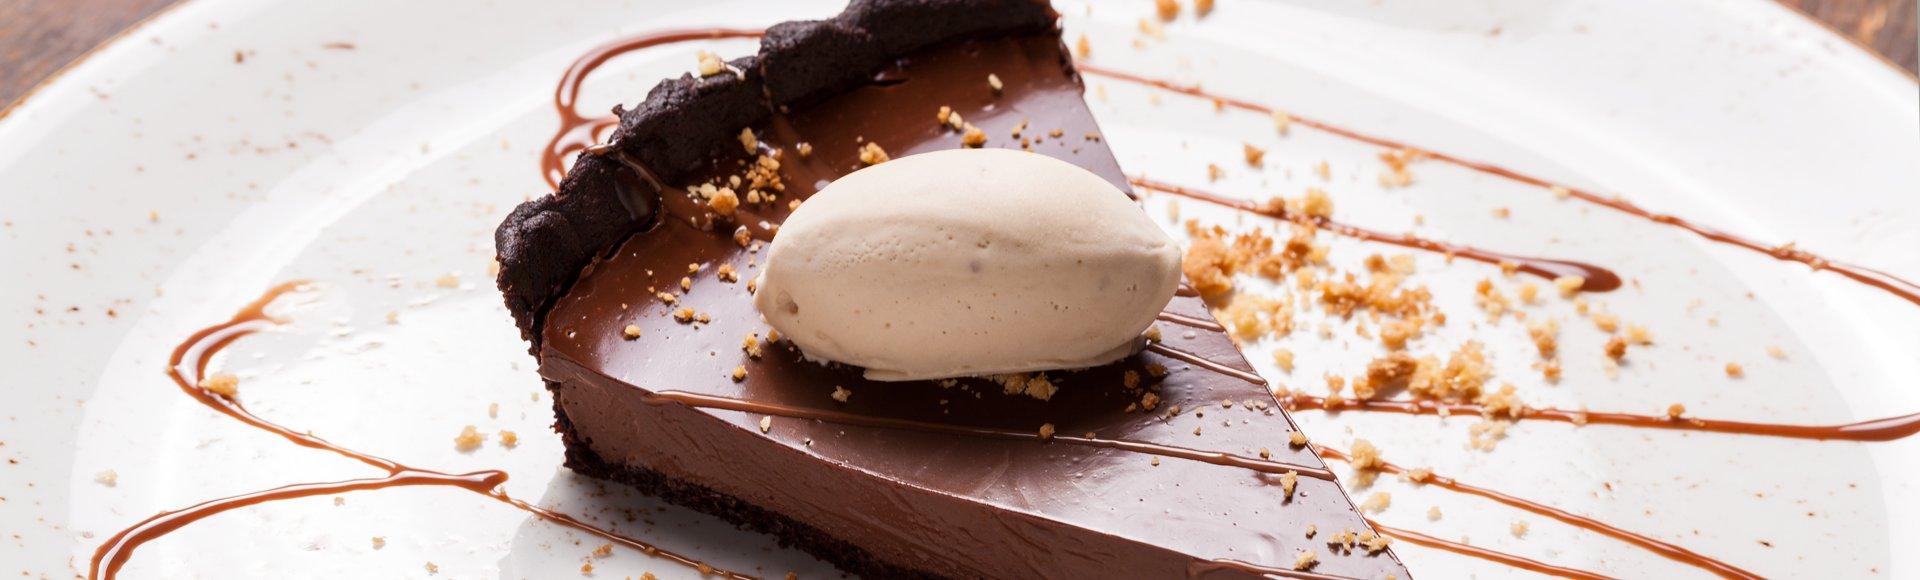 Τάρτα σοκολάτα με παγωτό εσπρέσο